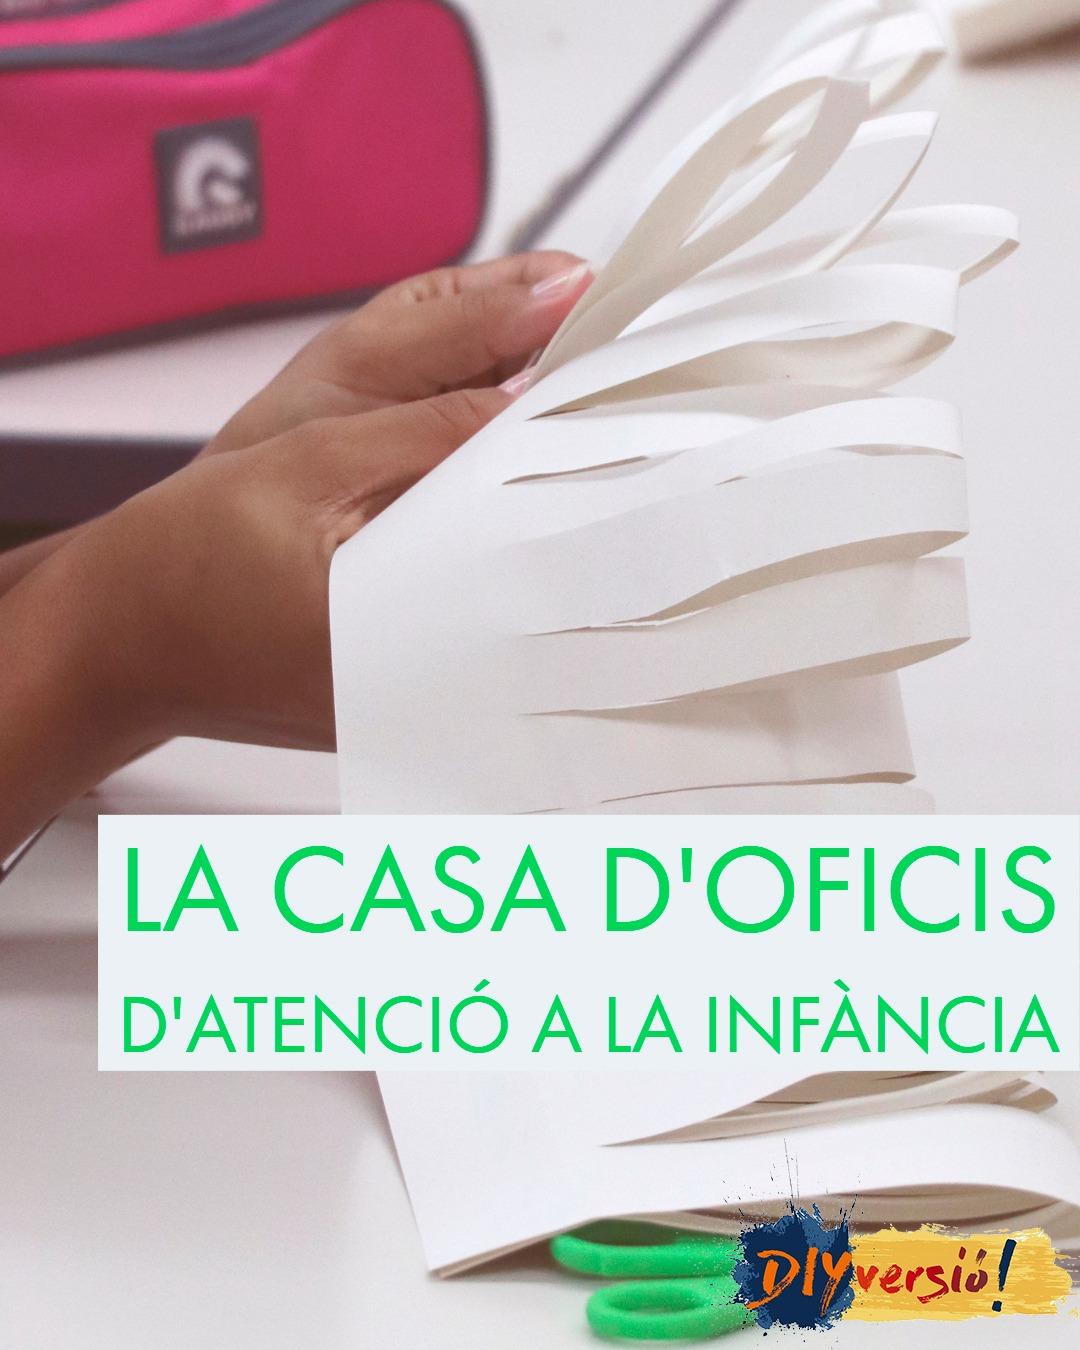 CASA D'OFICIS D'ATENCIÓ A LA INFÀNCIA